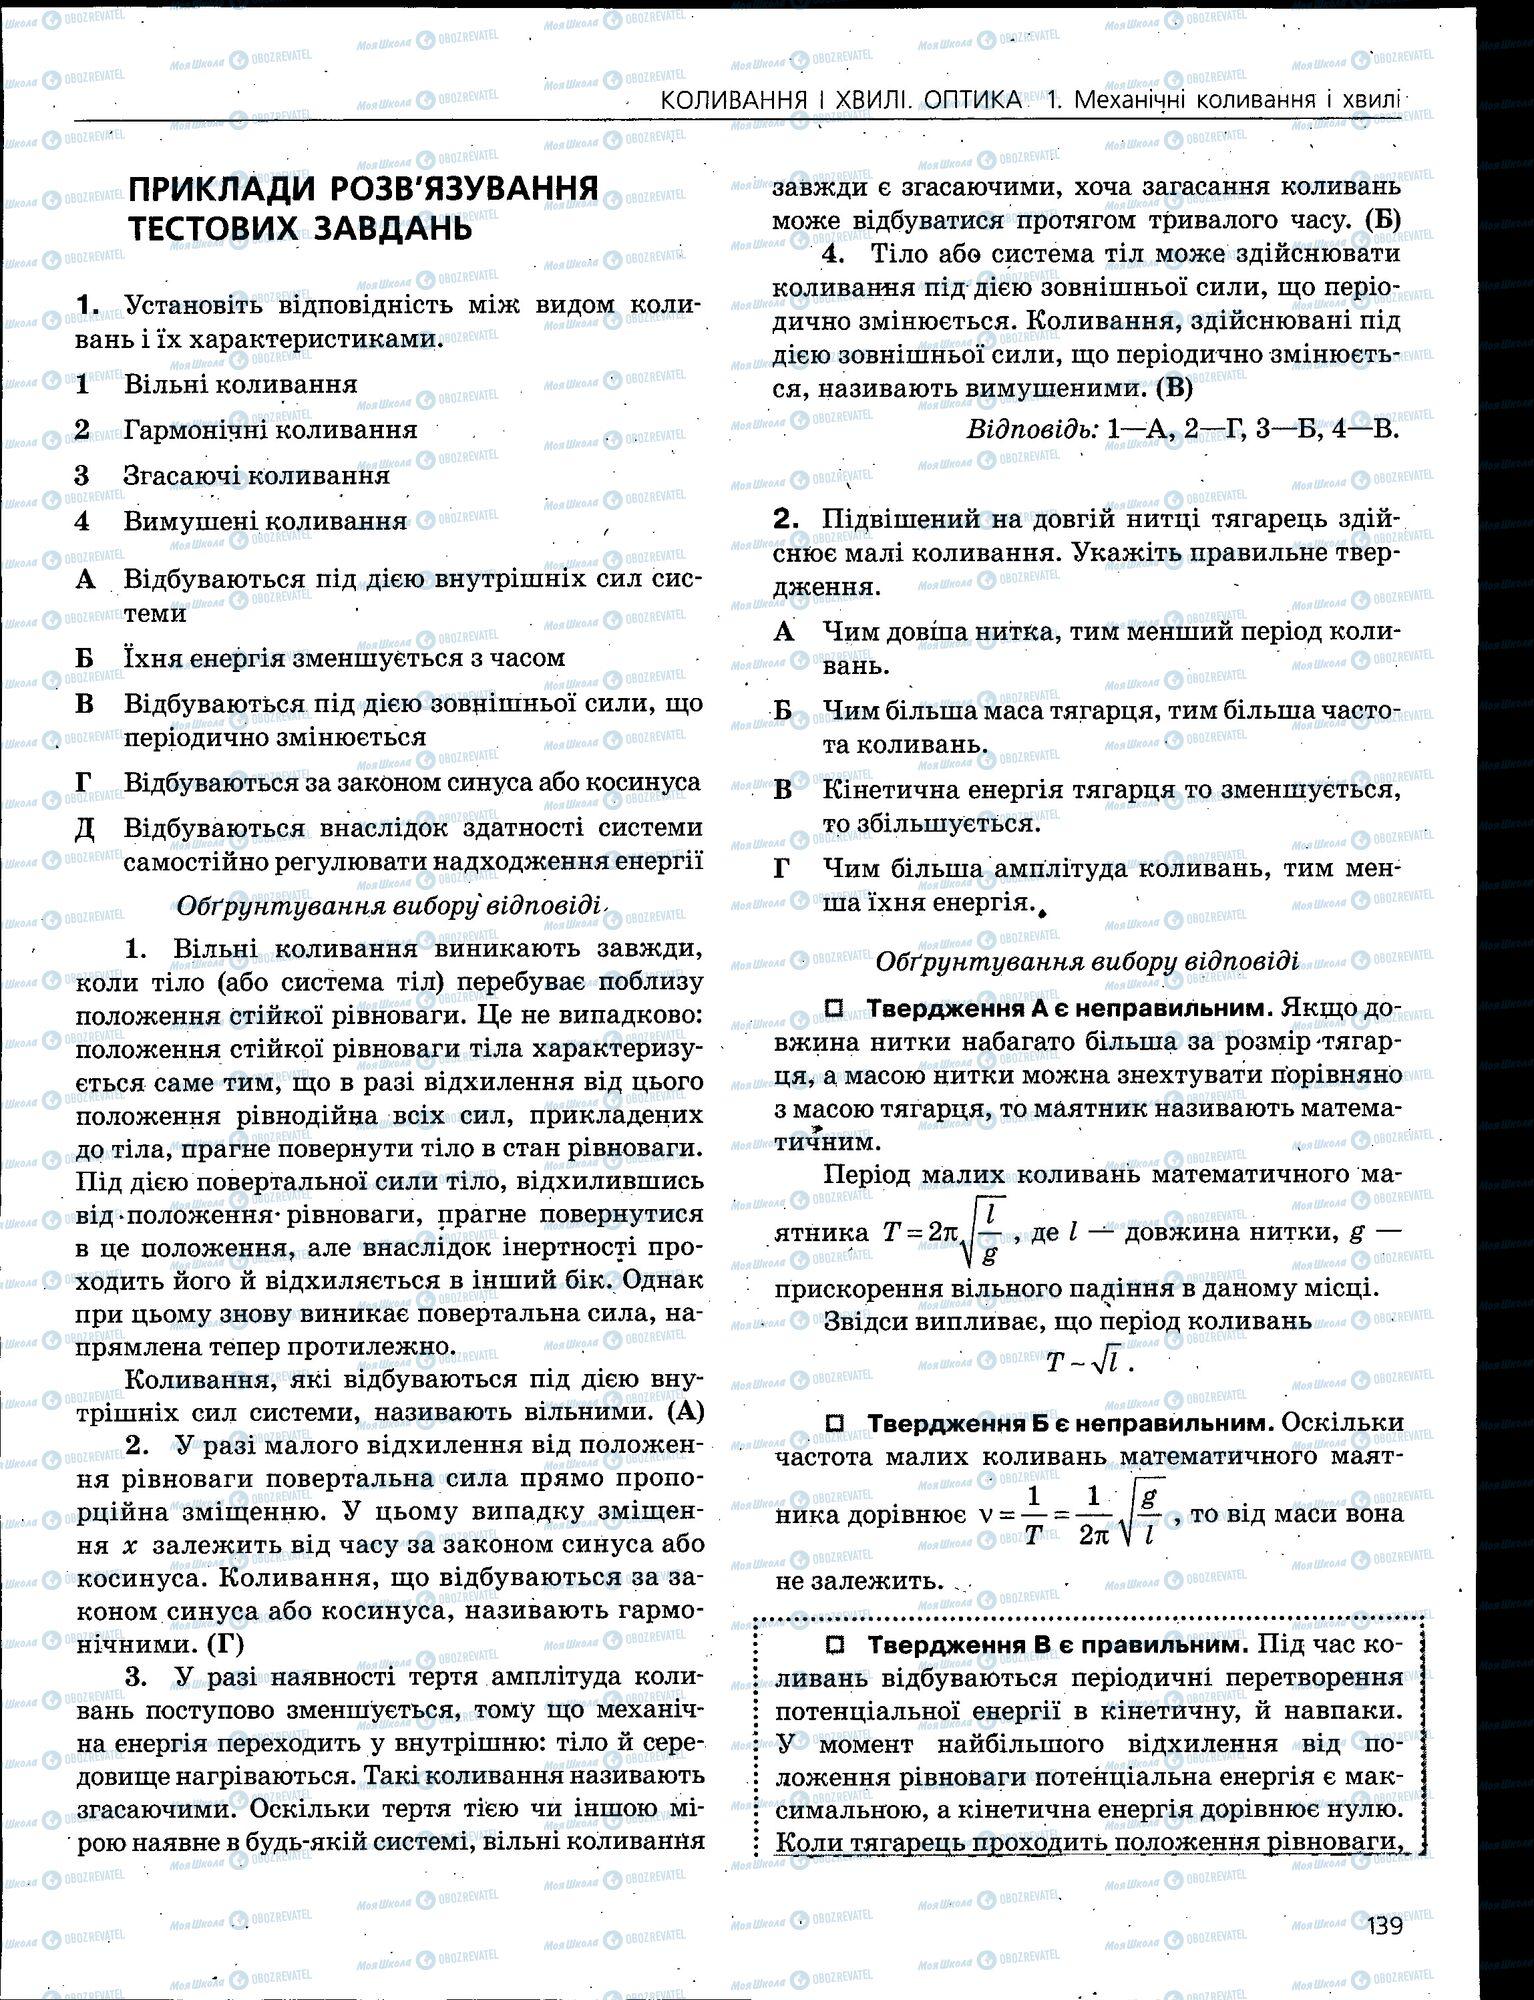 ЗНО Физика 11 класс страница 139